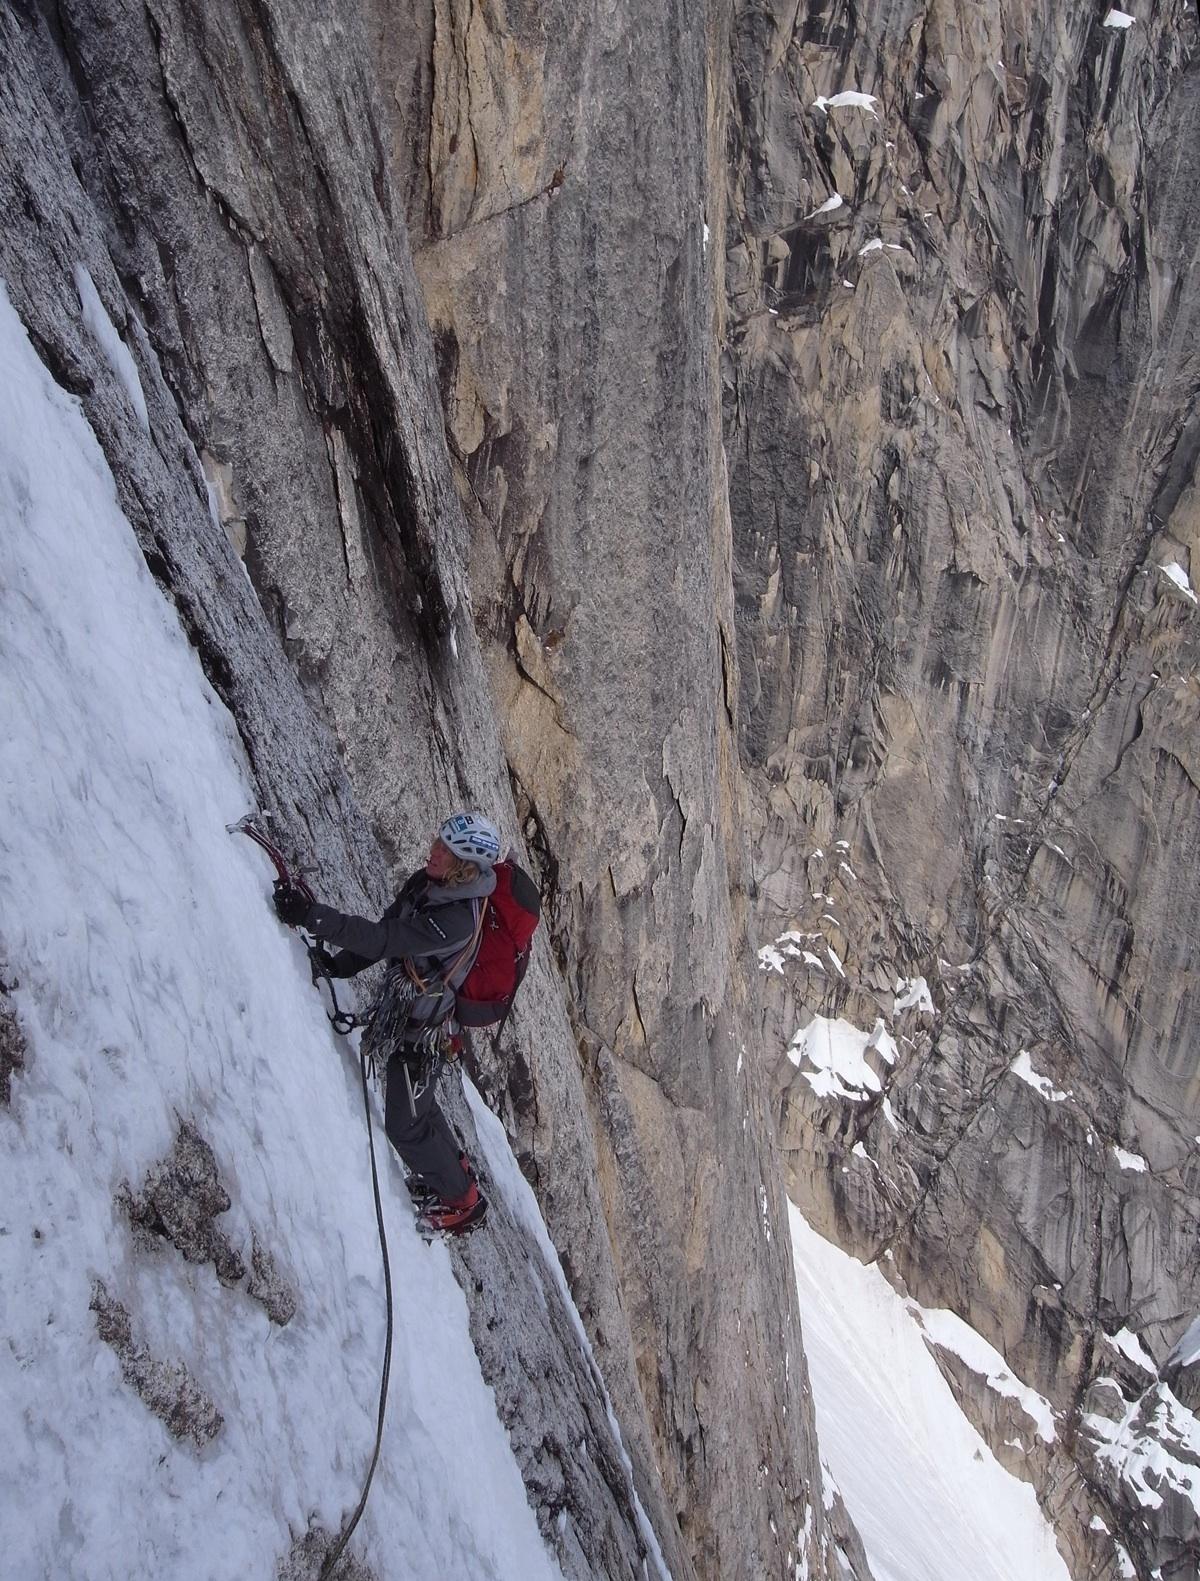 Matt Helliker on Meltdown, Mt. Grosvenor.